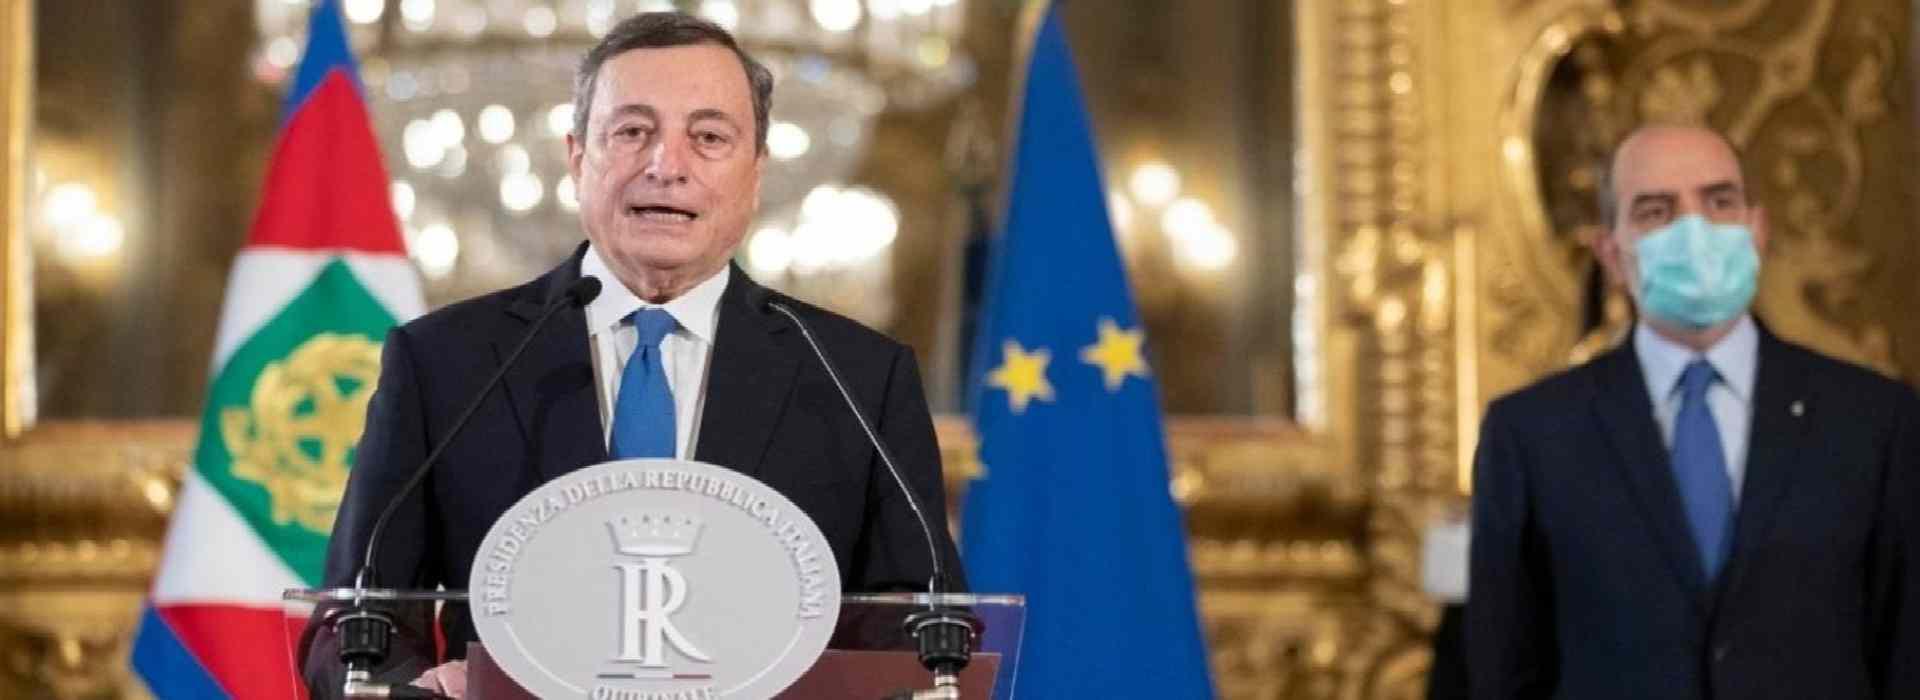 Governo Draghi: ecco i nomi dei ministri